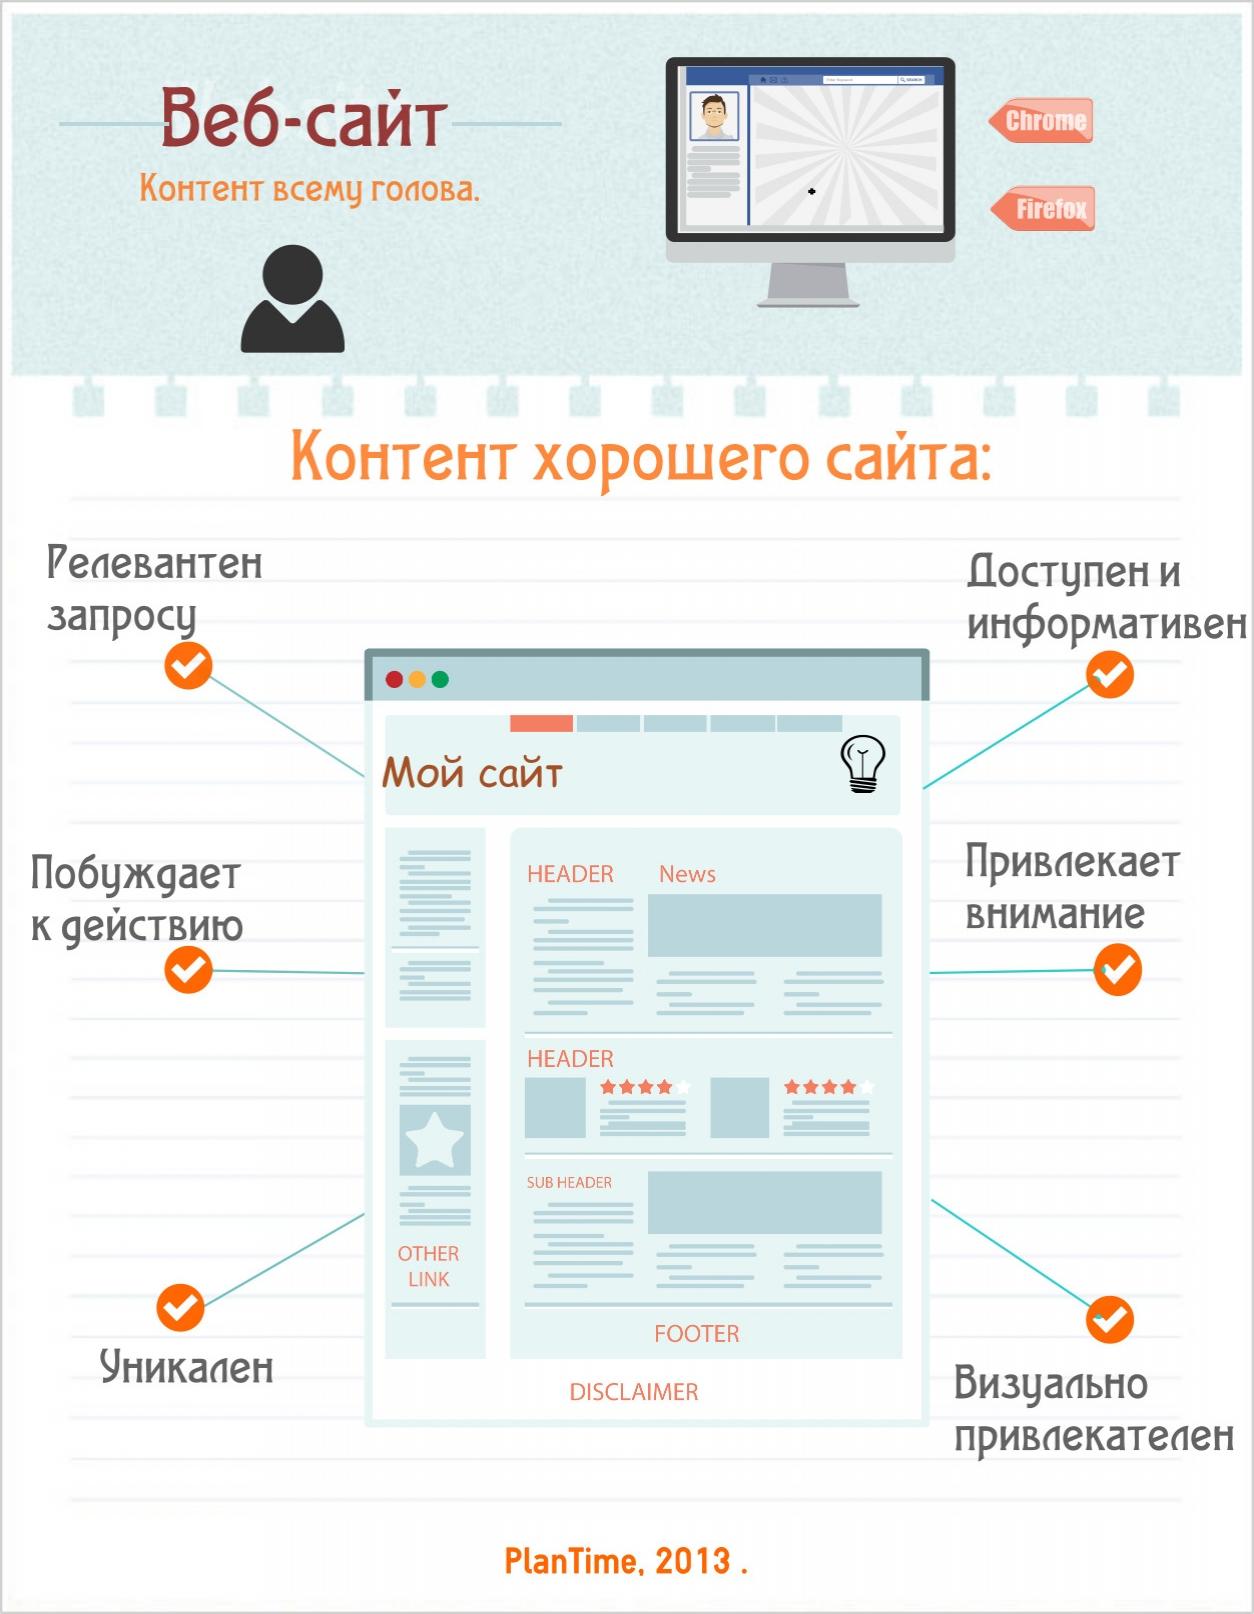 Каким должен быть контент на сайте?